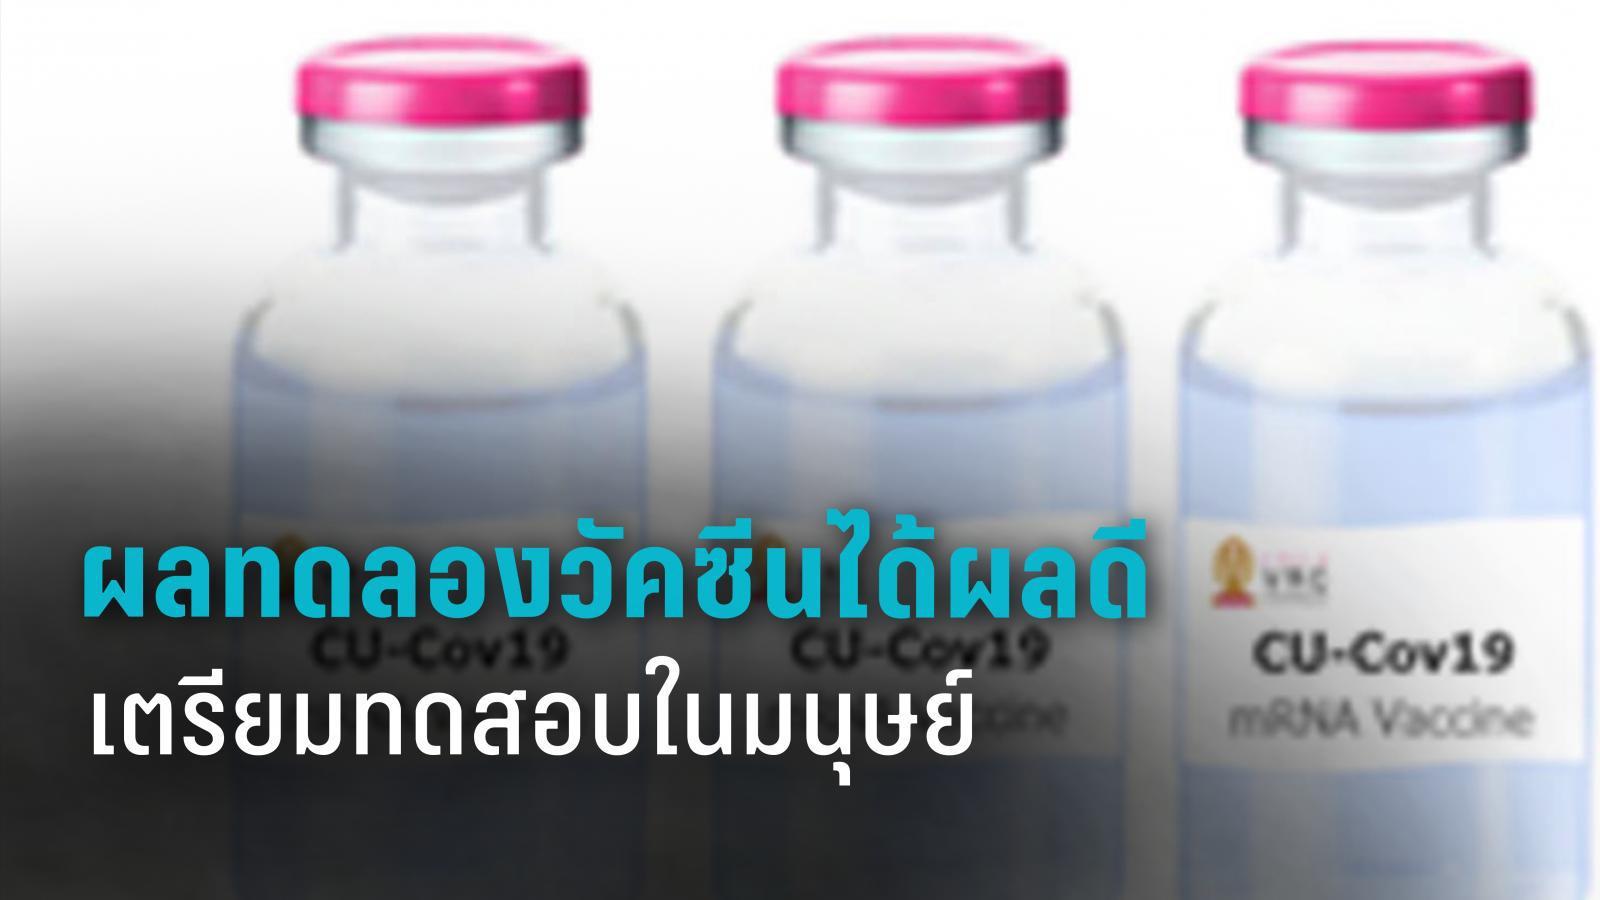 จุฬาฯ เผยผลทดลองวัคซีน โควิด-19 ในลิงมีภูมิคุ้มกันเพิ่ม รอไฟเขียวทดสอบในมนุษย์